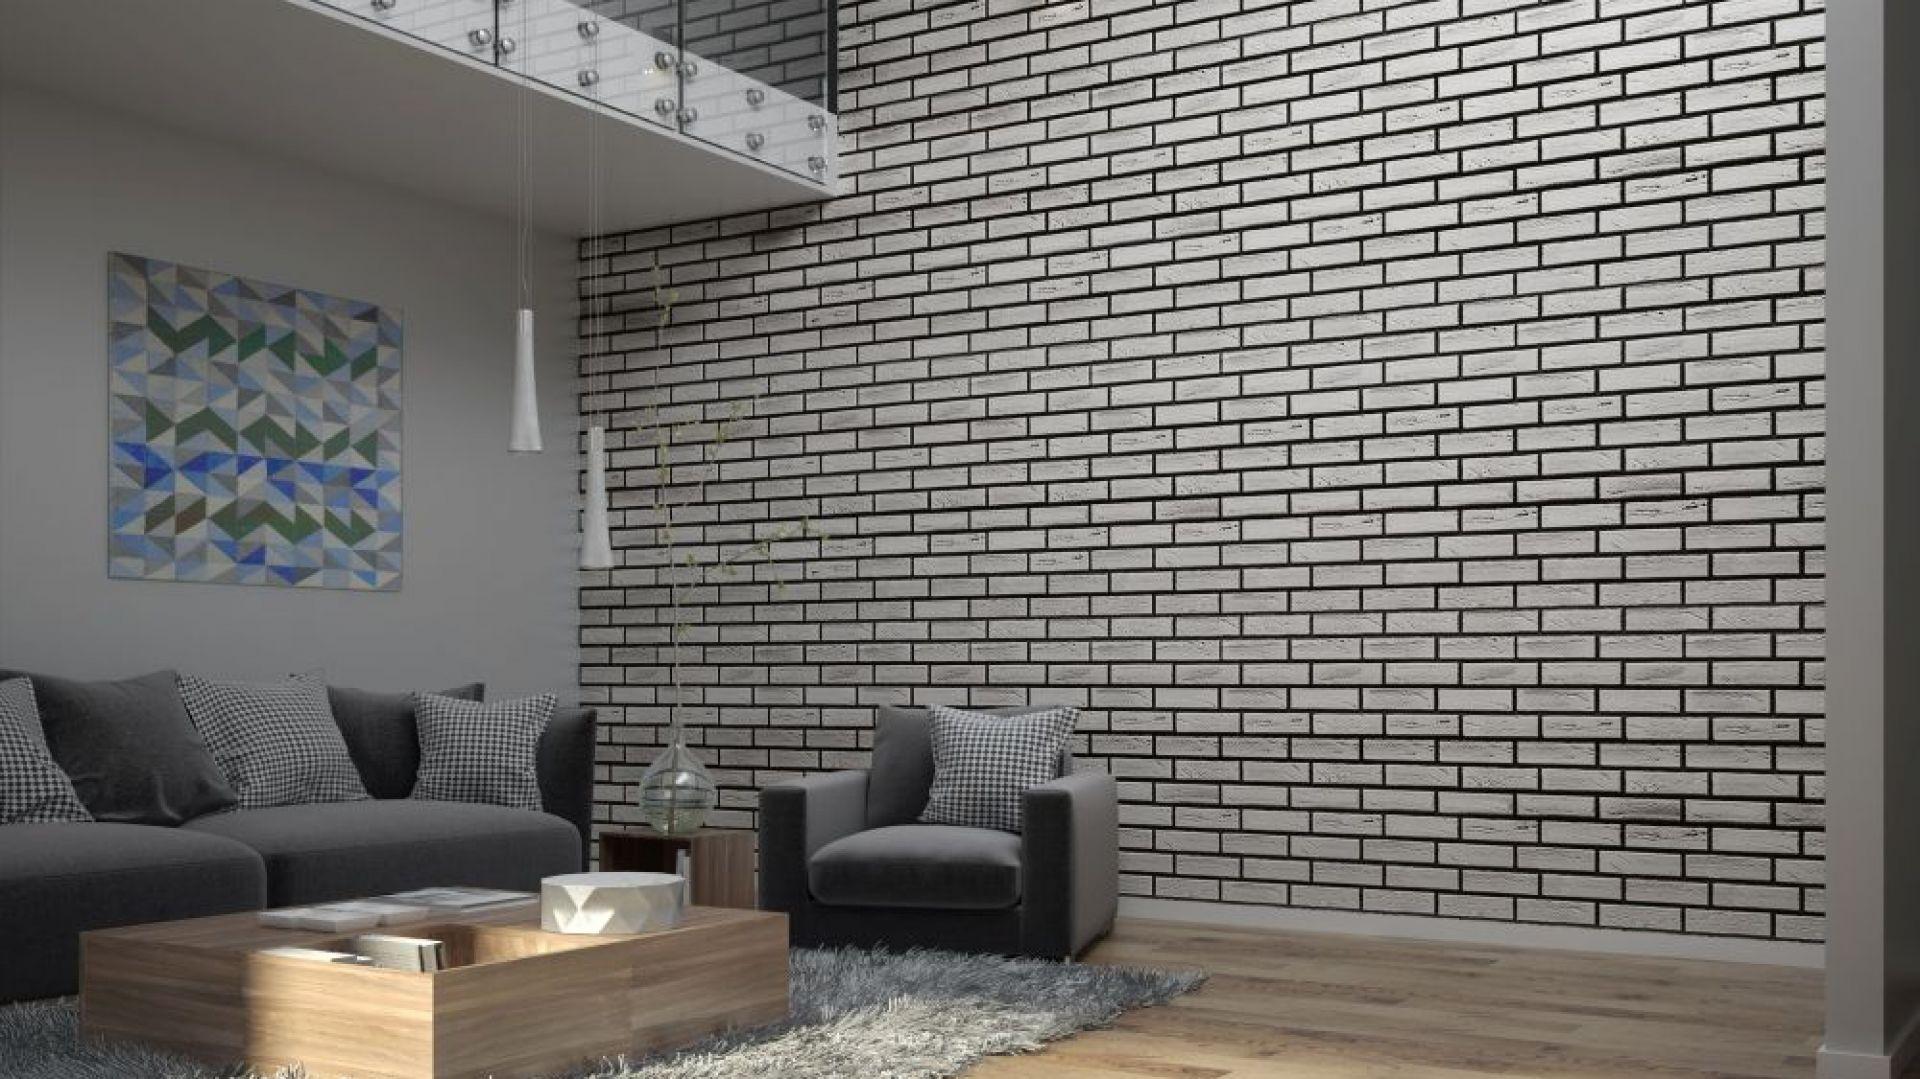 Płytki klinkierowe to wyrazisty materiał, dlatego jeśli marzymy o ceglanym efekcie w niedużym mieszkaniu - warto rozważyć wyłożenie tylko jednej ze ścian.  Fot. Elastolith